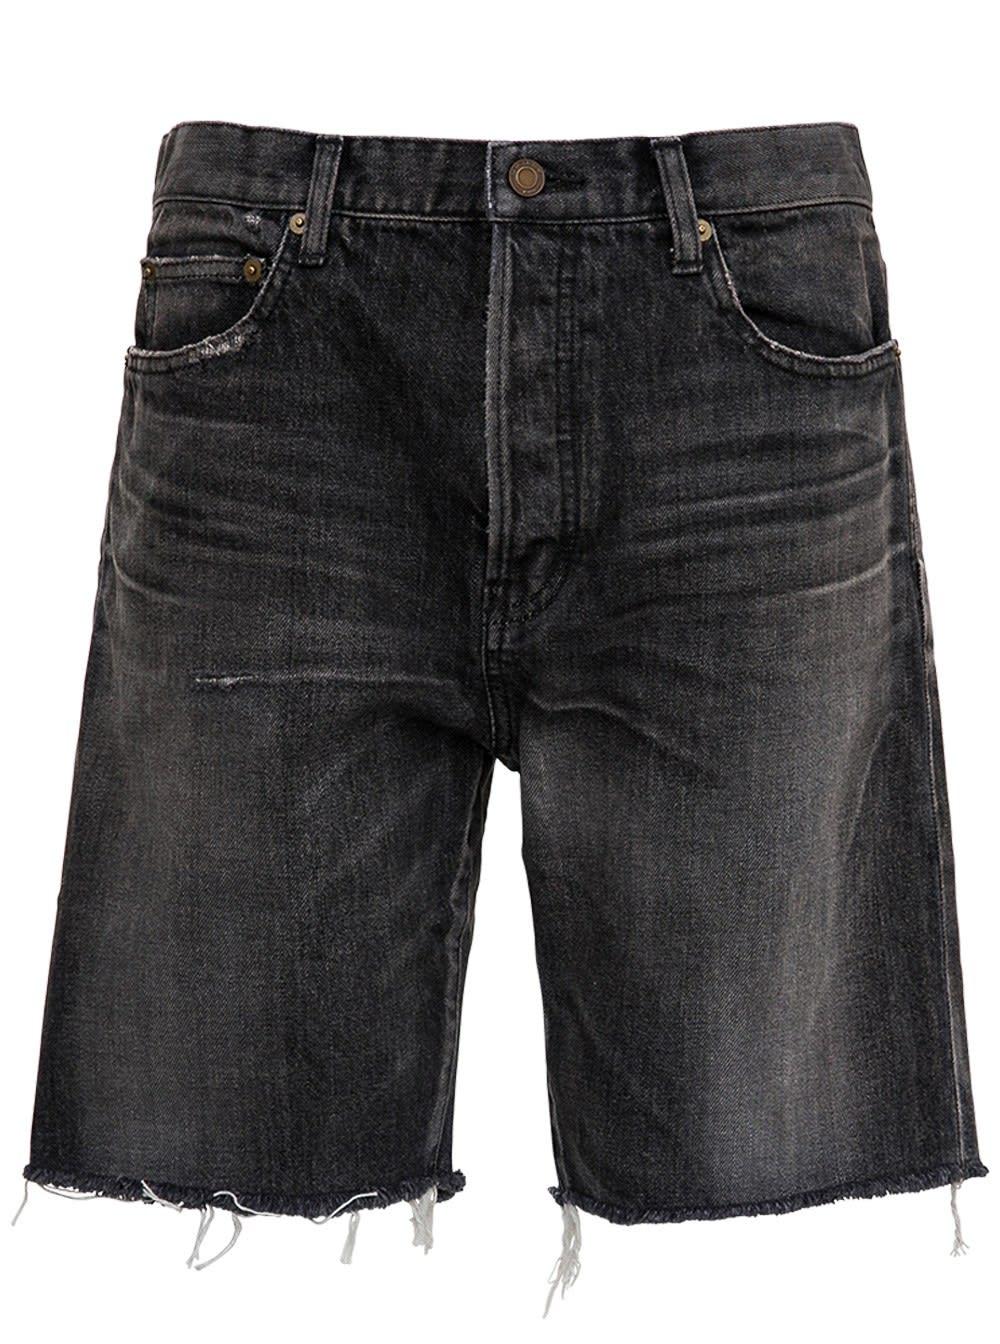 Saint Laurent Black Denim Fringed Bermuda Shorts